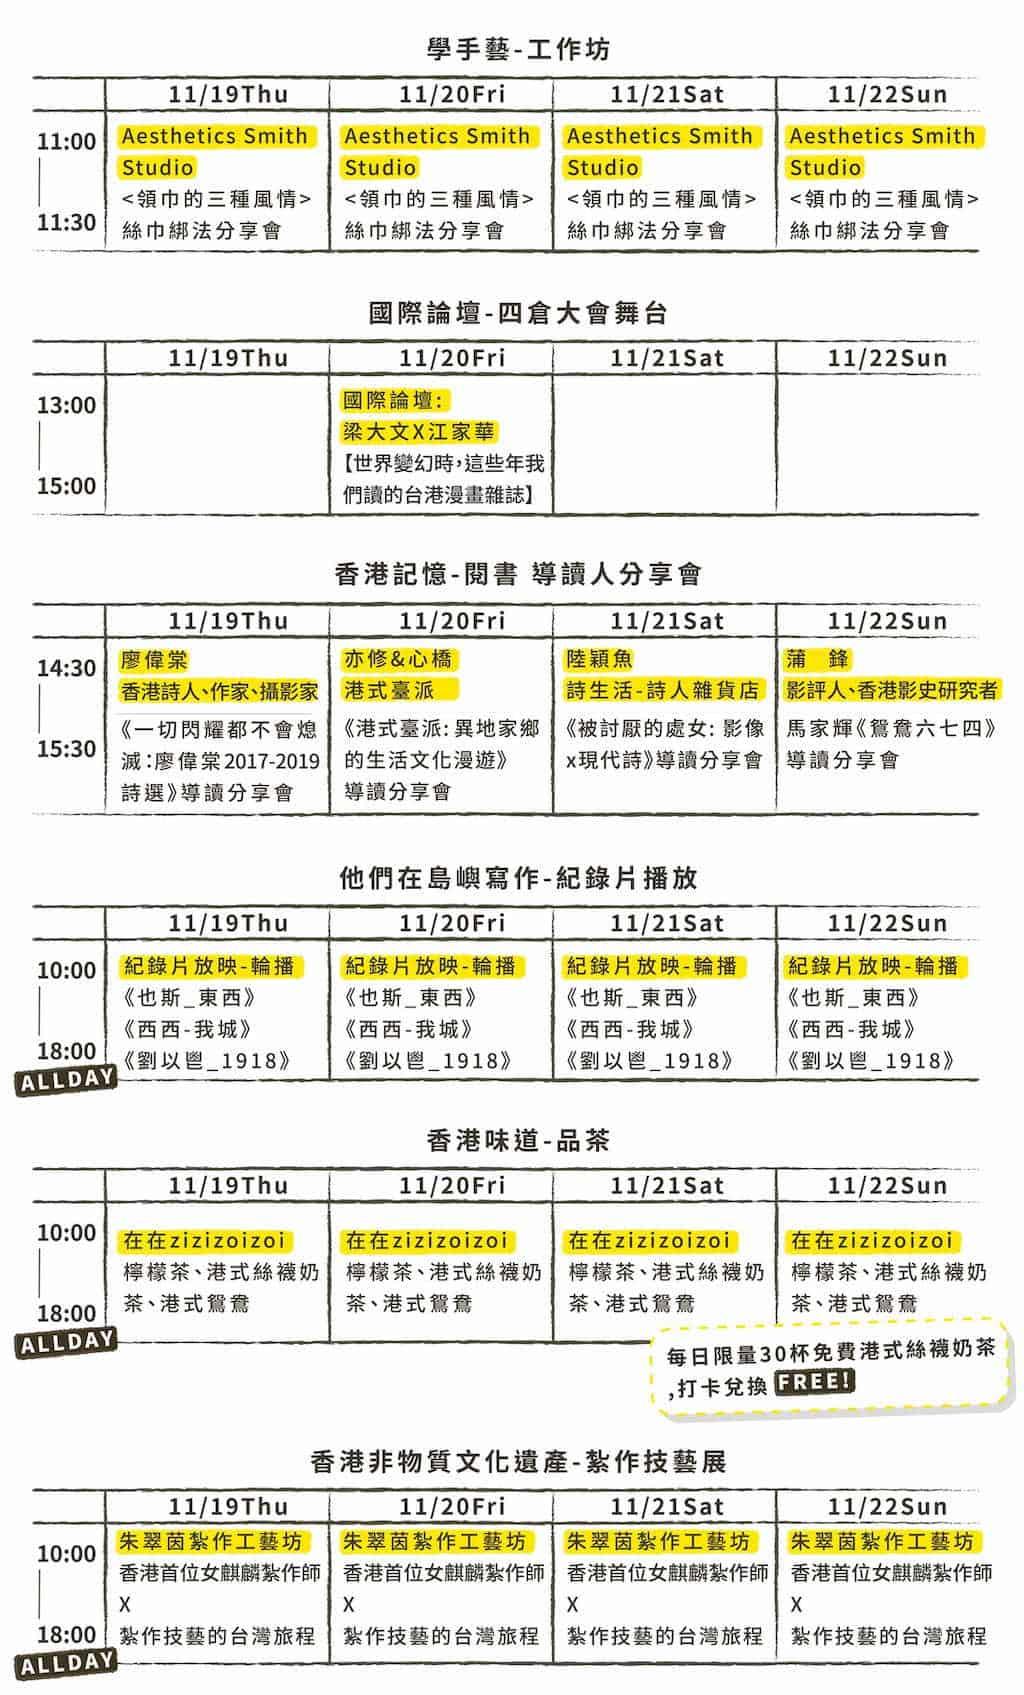 香港主題館-活動時間表